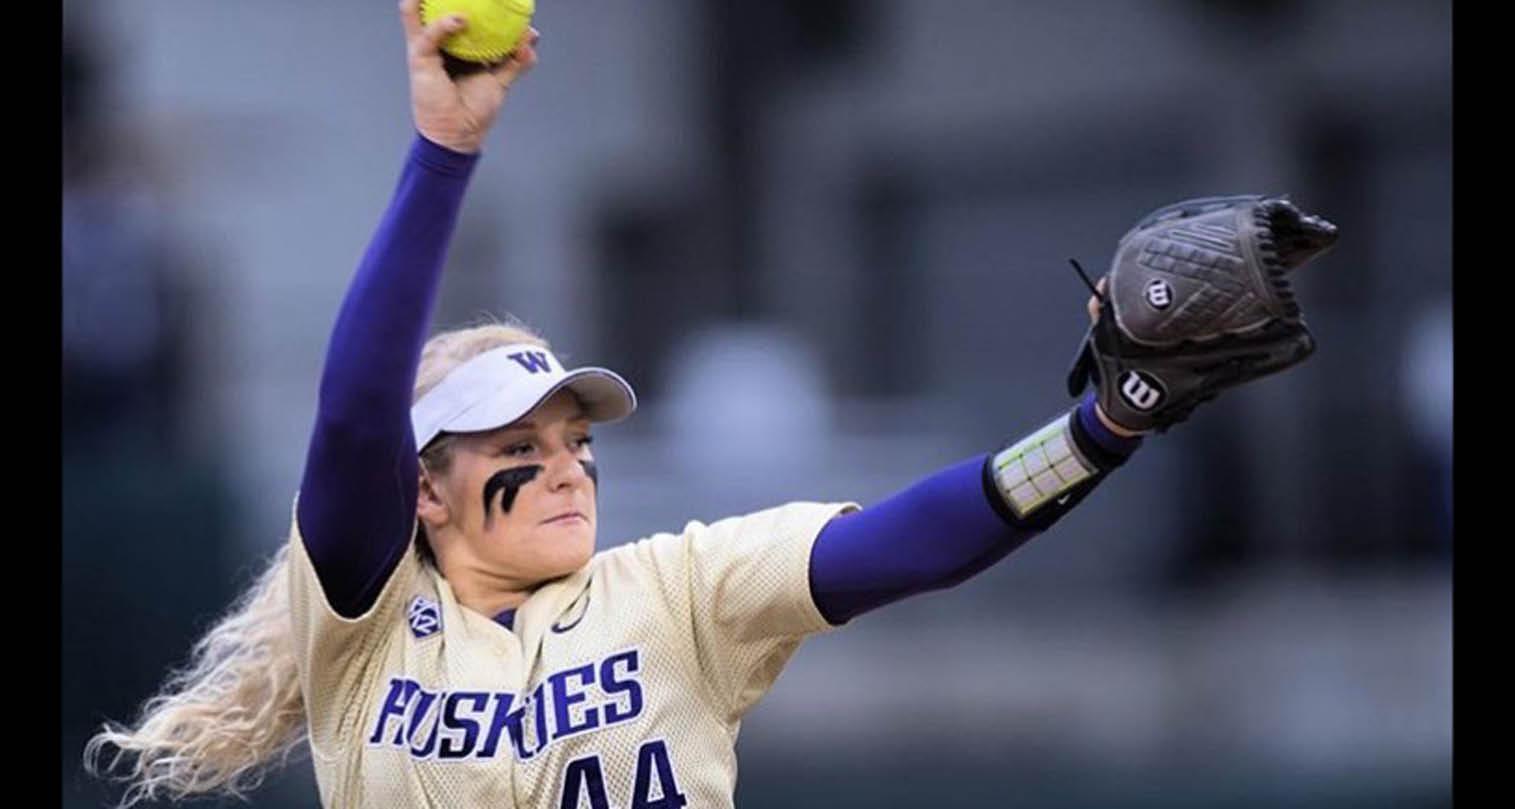 Softball University - girls fastpitch training by professional athletes - Tacoma, WA - Puyallup, WA - Seattle, WA